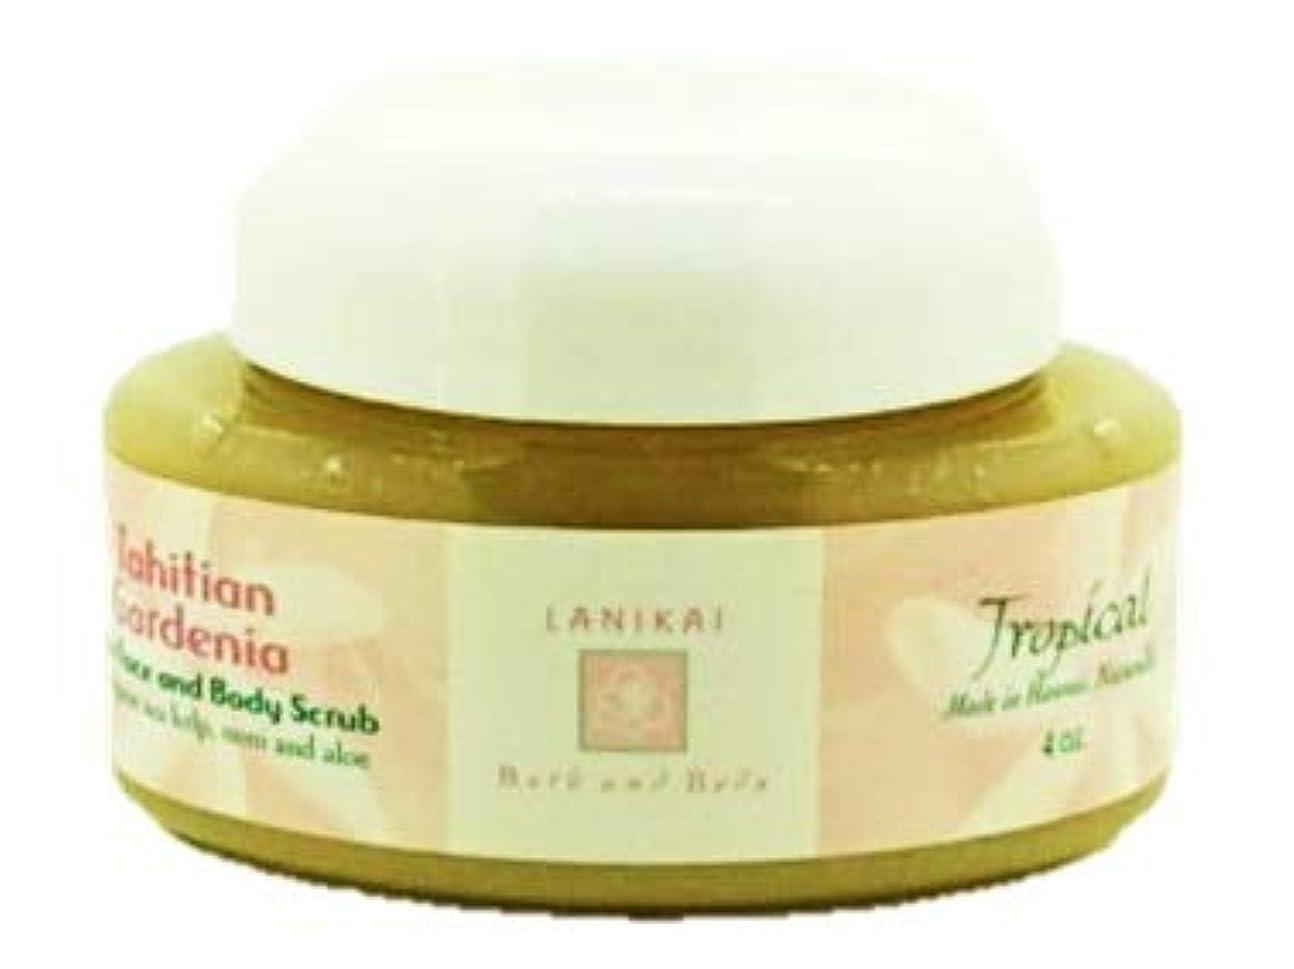 オーラル同様の十一LANIKAI Tahituian Gardenia Body Scrub ラニカイ タヒチアン ガーデニア ボディスクラブ 4oz